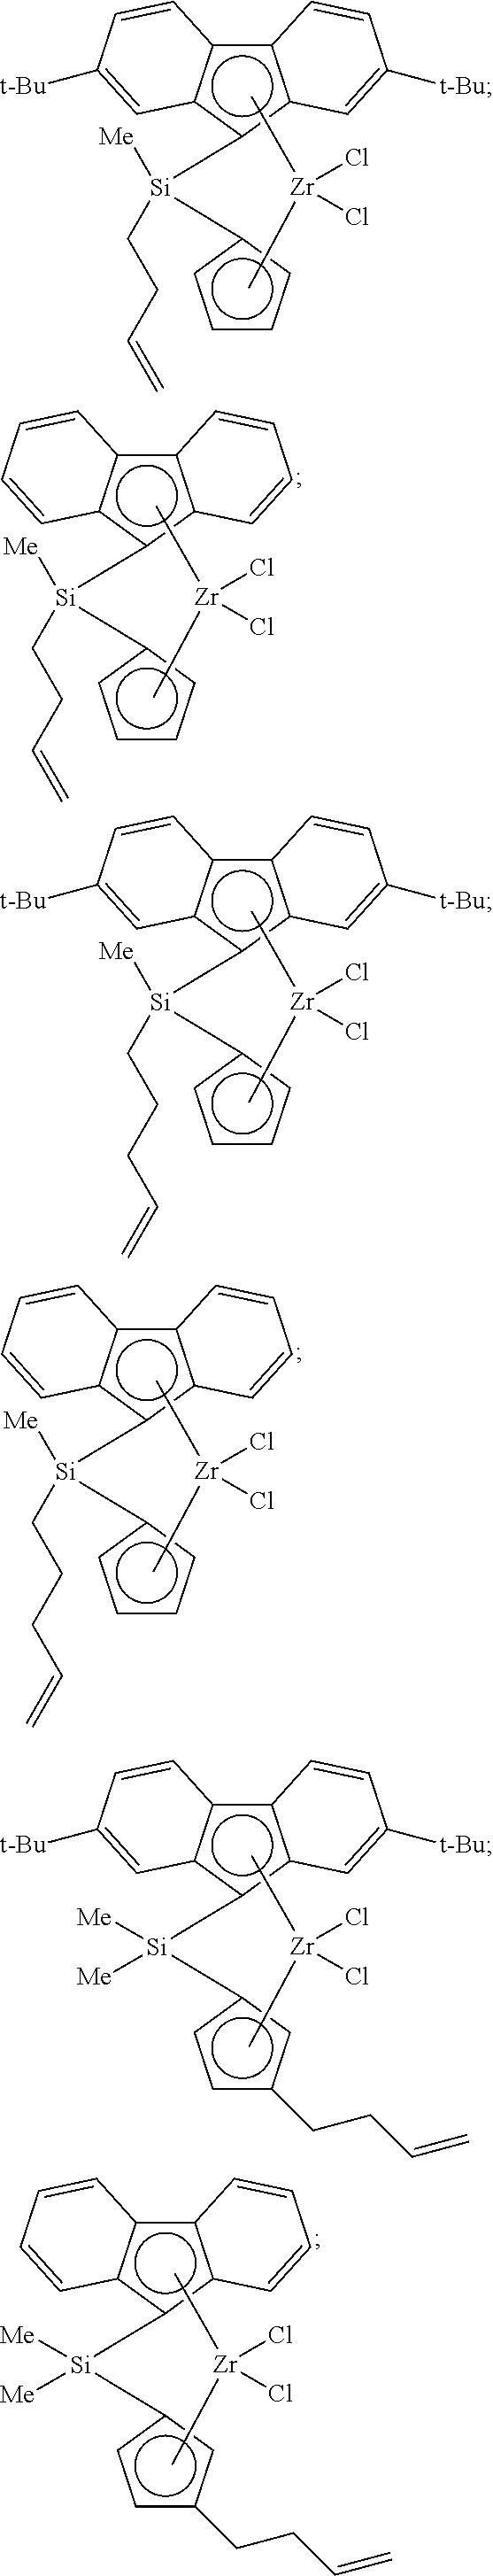 Figure US08288487-20121016-C00027